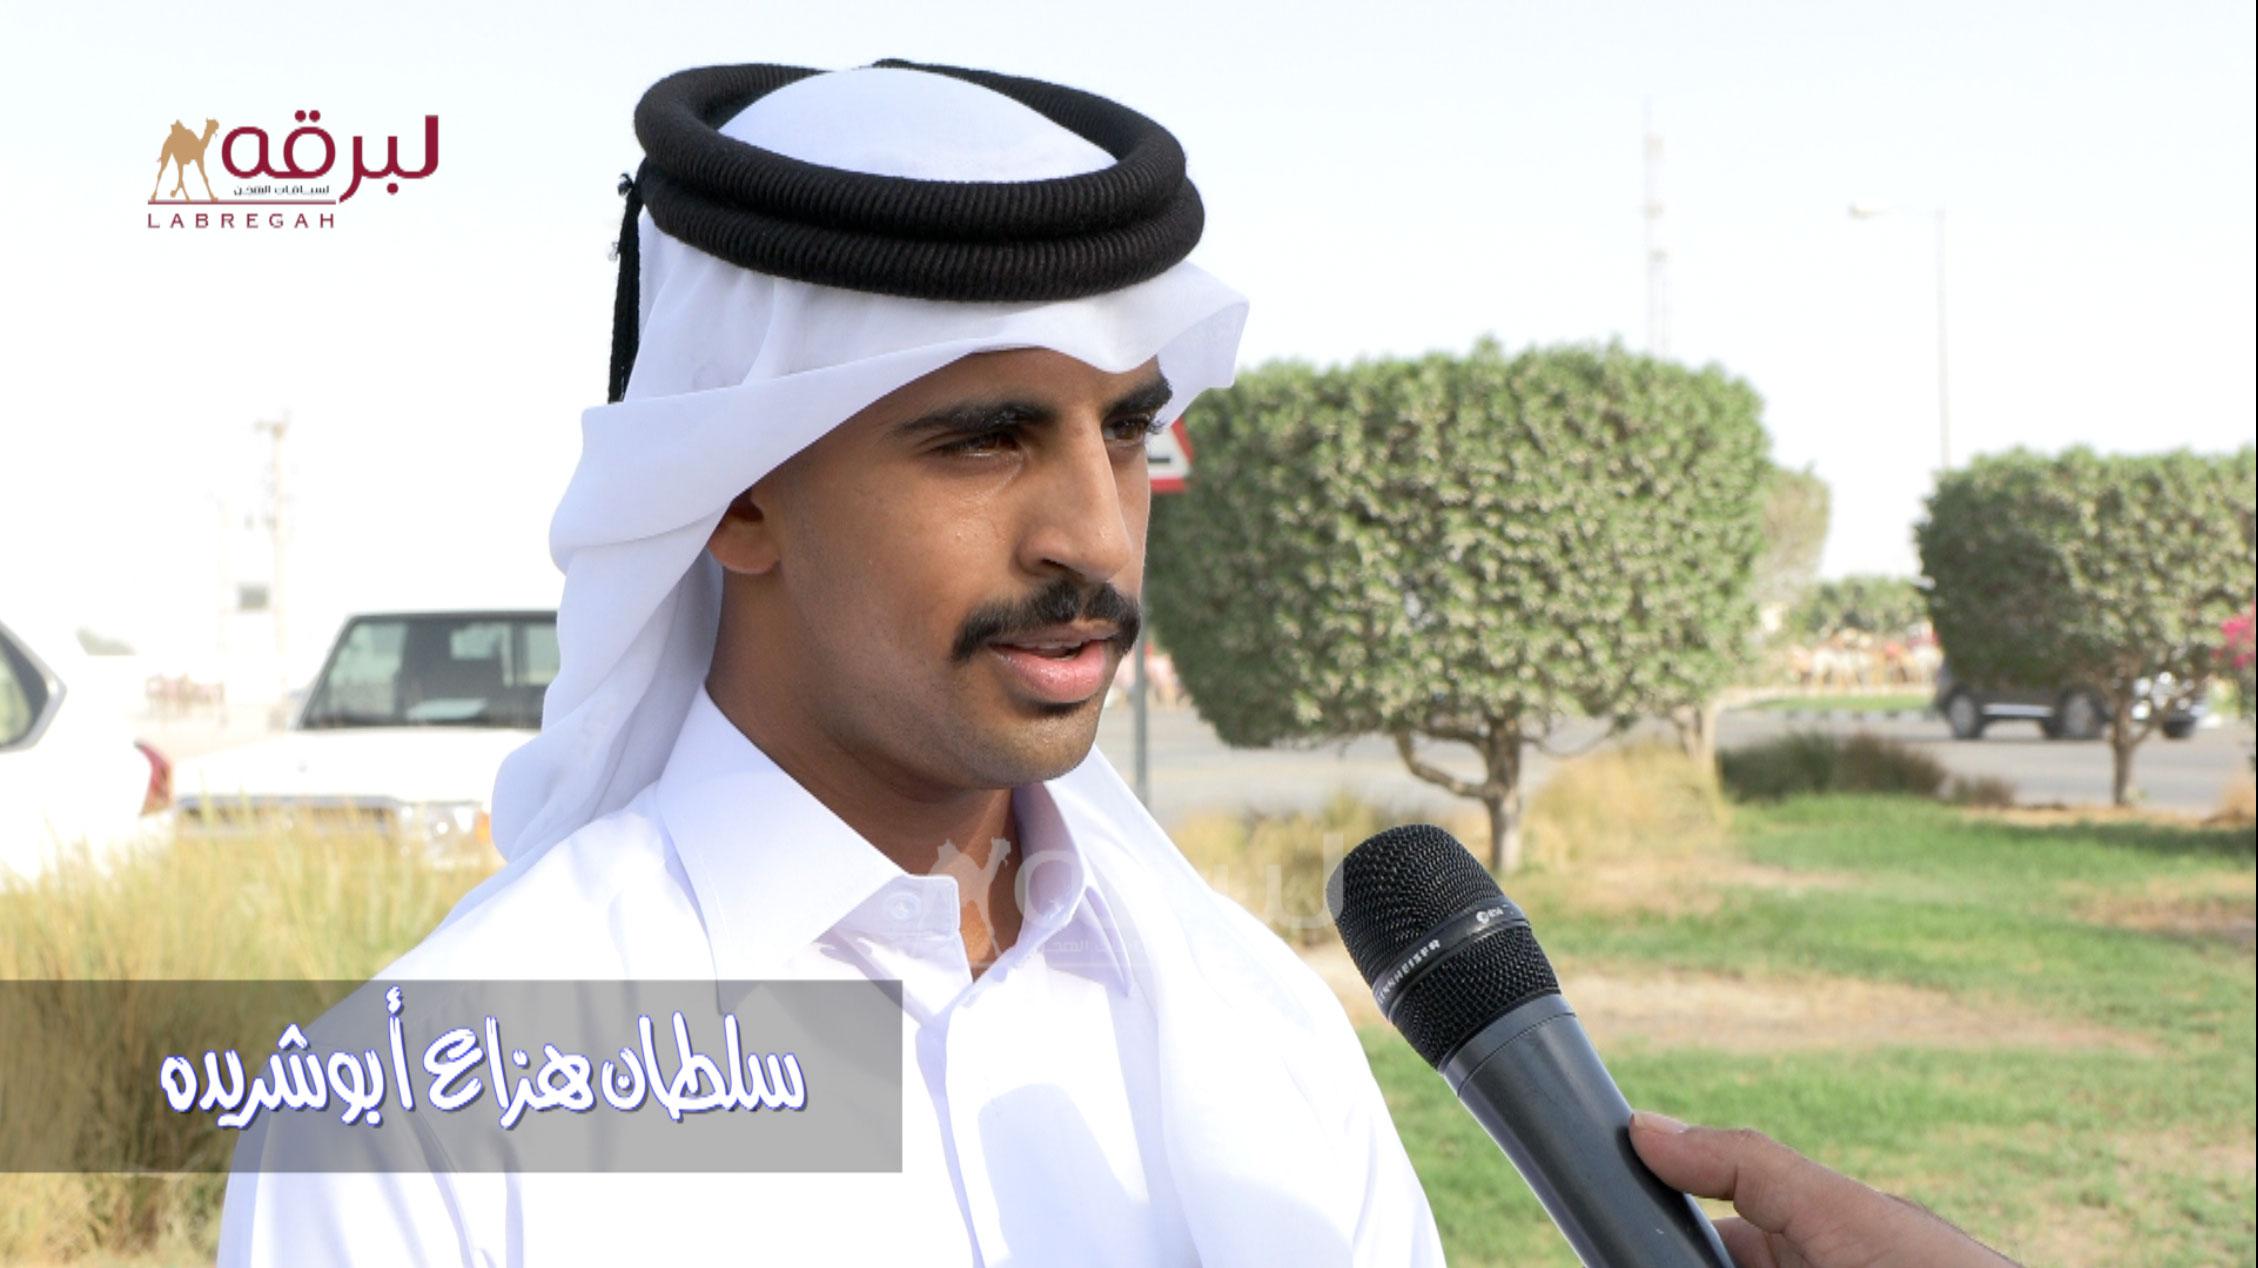 لقاء مع سلطان هزاع أبوشريده.. الشوط الرئيسي للثنايا بكار (إنتاج) ميدان الشحانية ١٠-٩-٢٠٢١